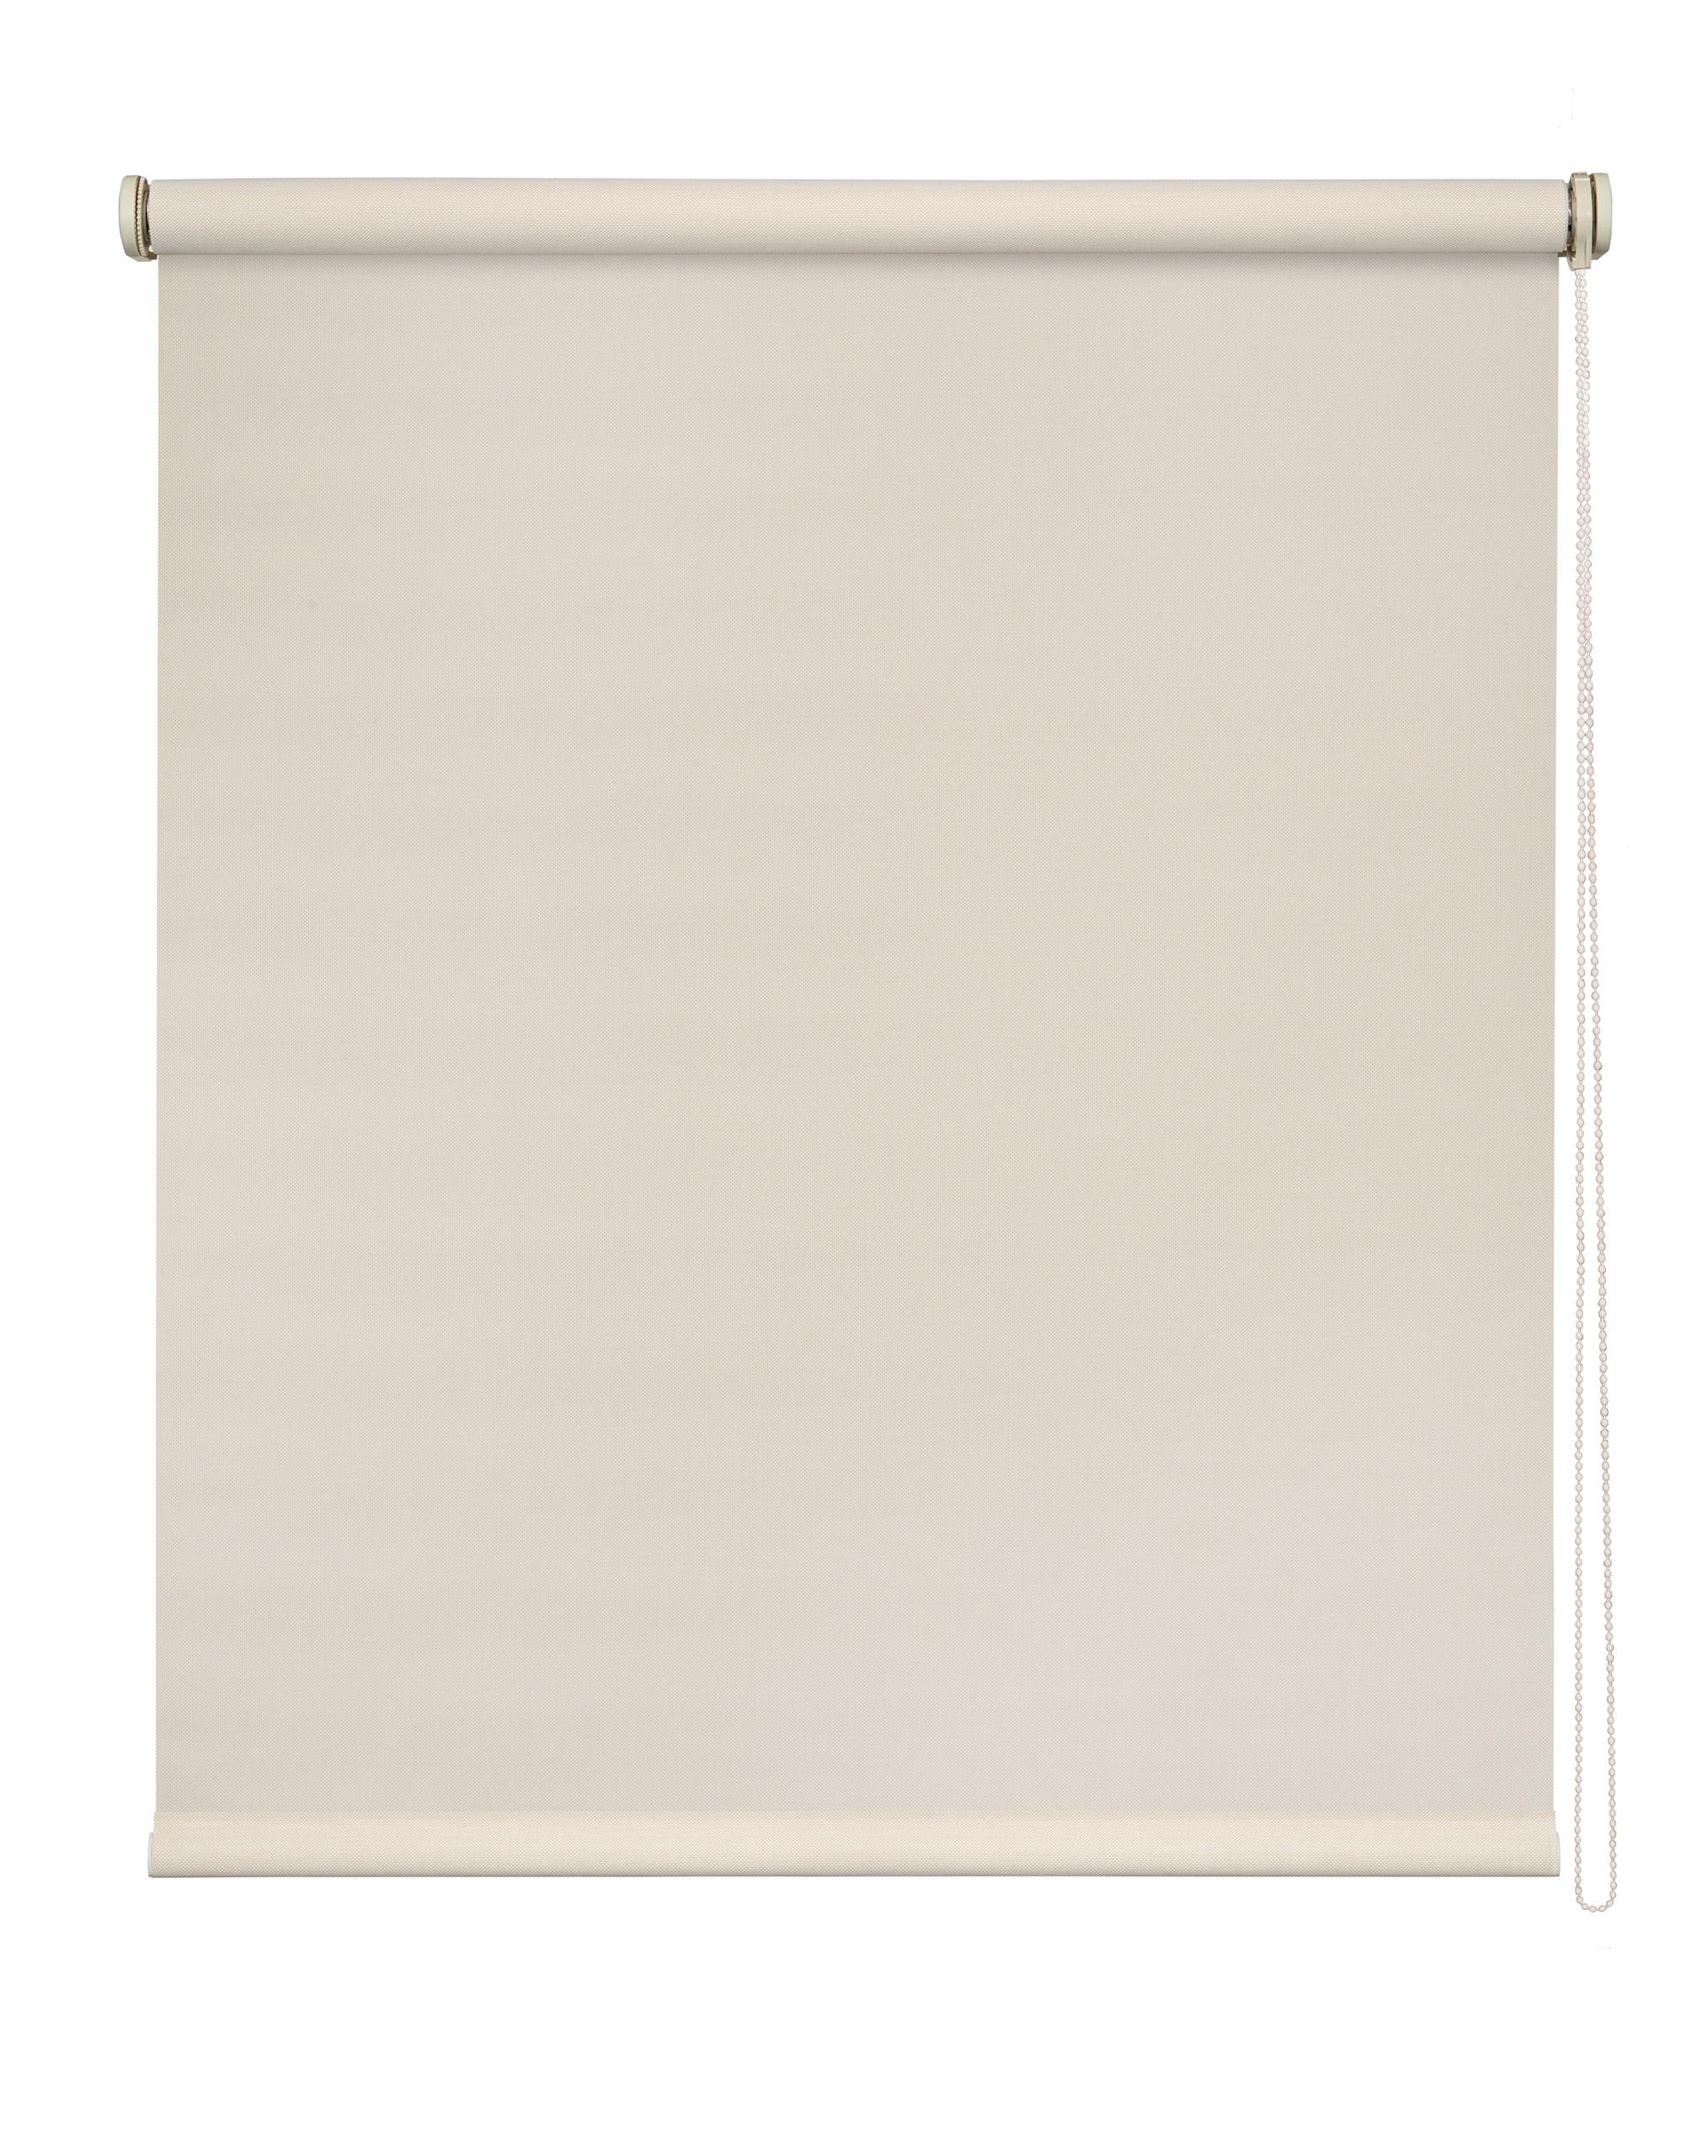 Store Enrouleur voile Screen - Gris - 90 x 250 cm